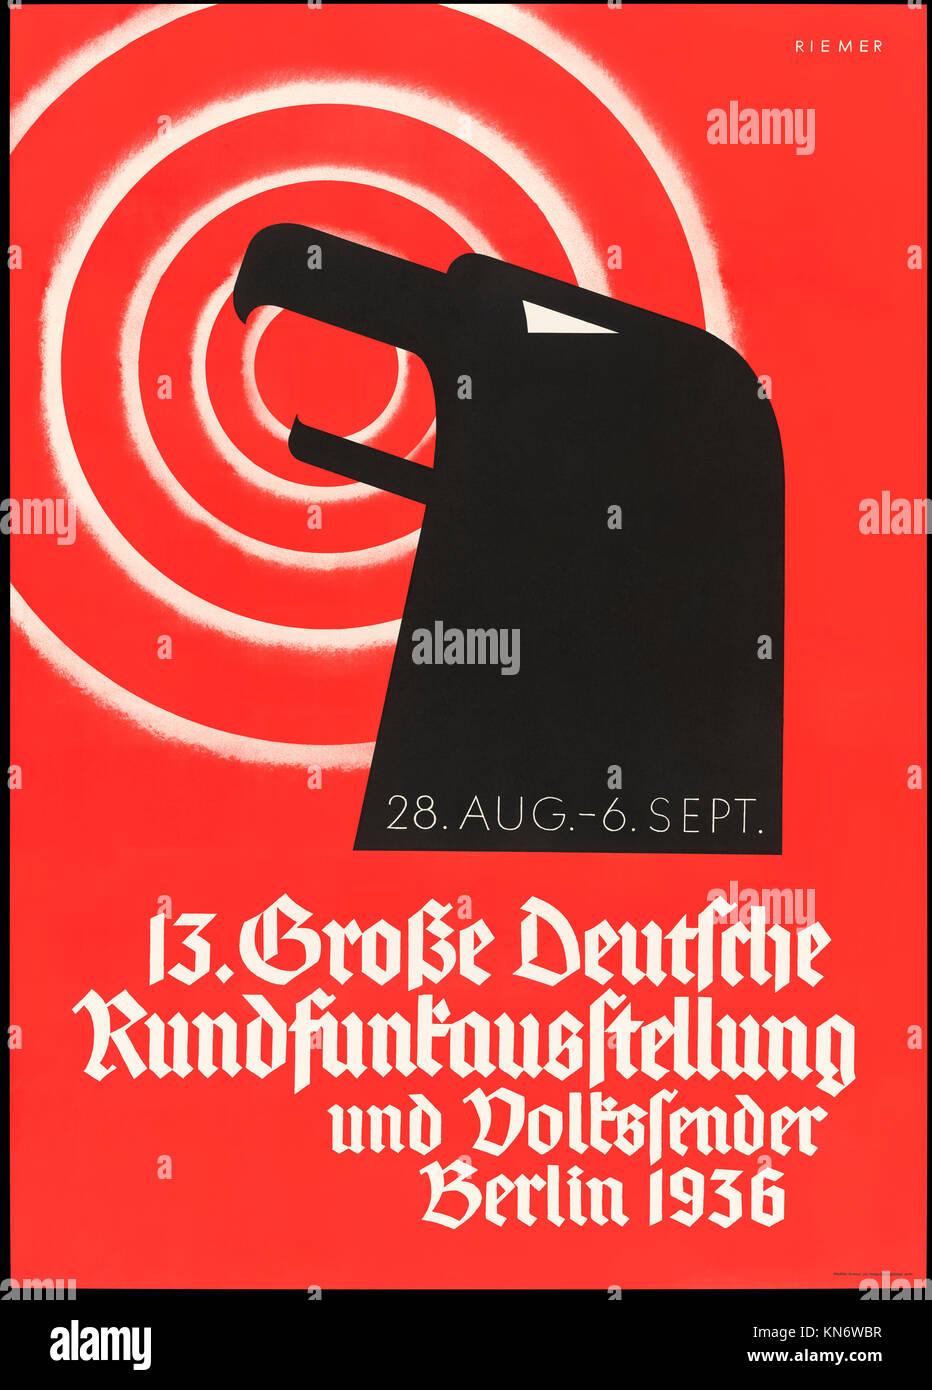 """""""13 Grosse deutsche Rundfunkausstellung und Volkssender Berlin 1936"""" (The 13th German Broadcasting Exhibition and - Stock Image"""